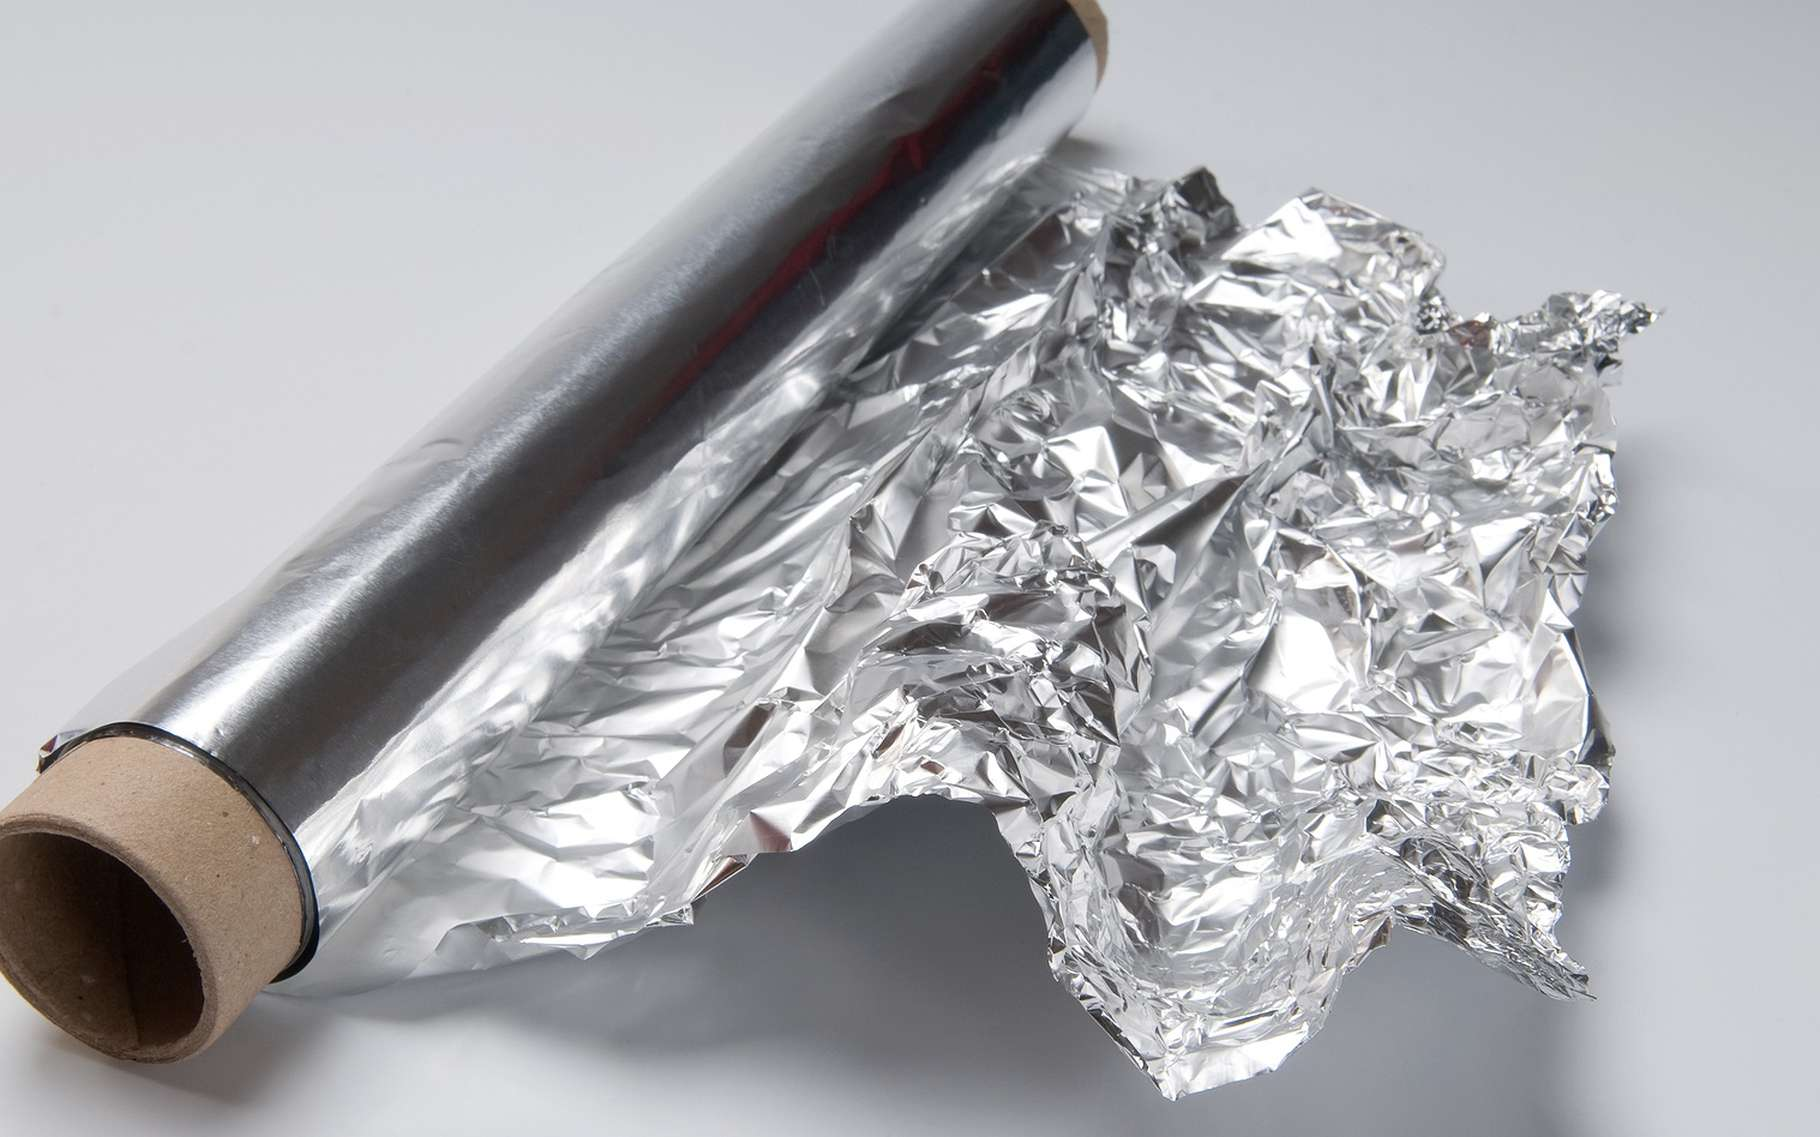 L'aluminium peut se trouver au contact des aliments. Faut-il s'en méfier ? Quels sont les dangers ? © Lorena Fernandez, Shutterstock